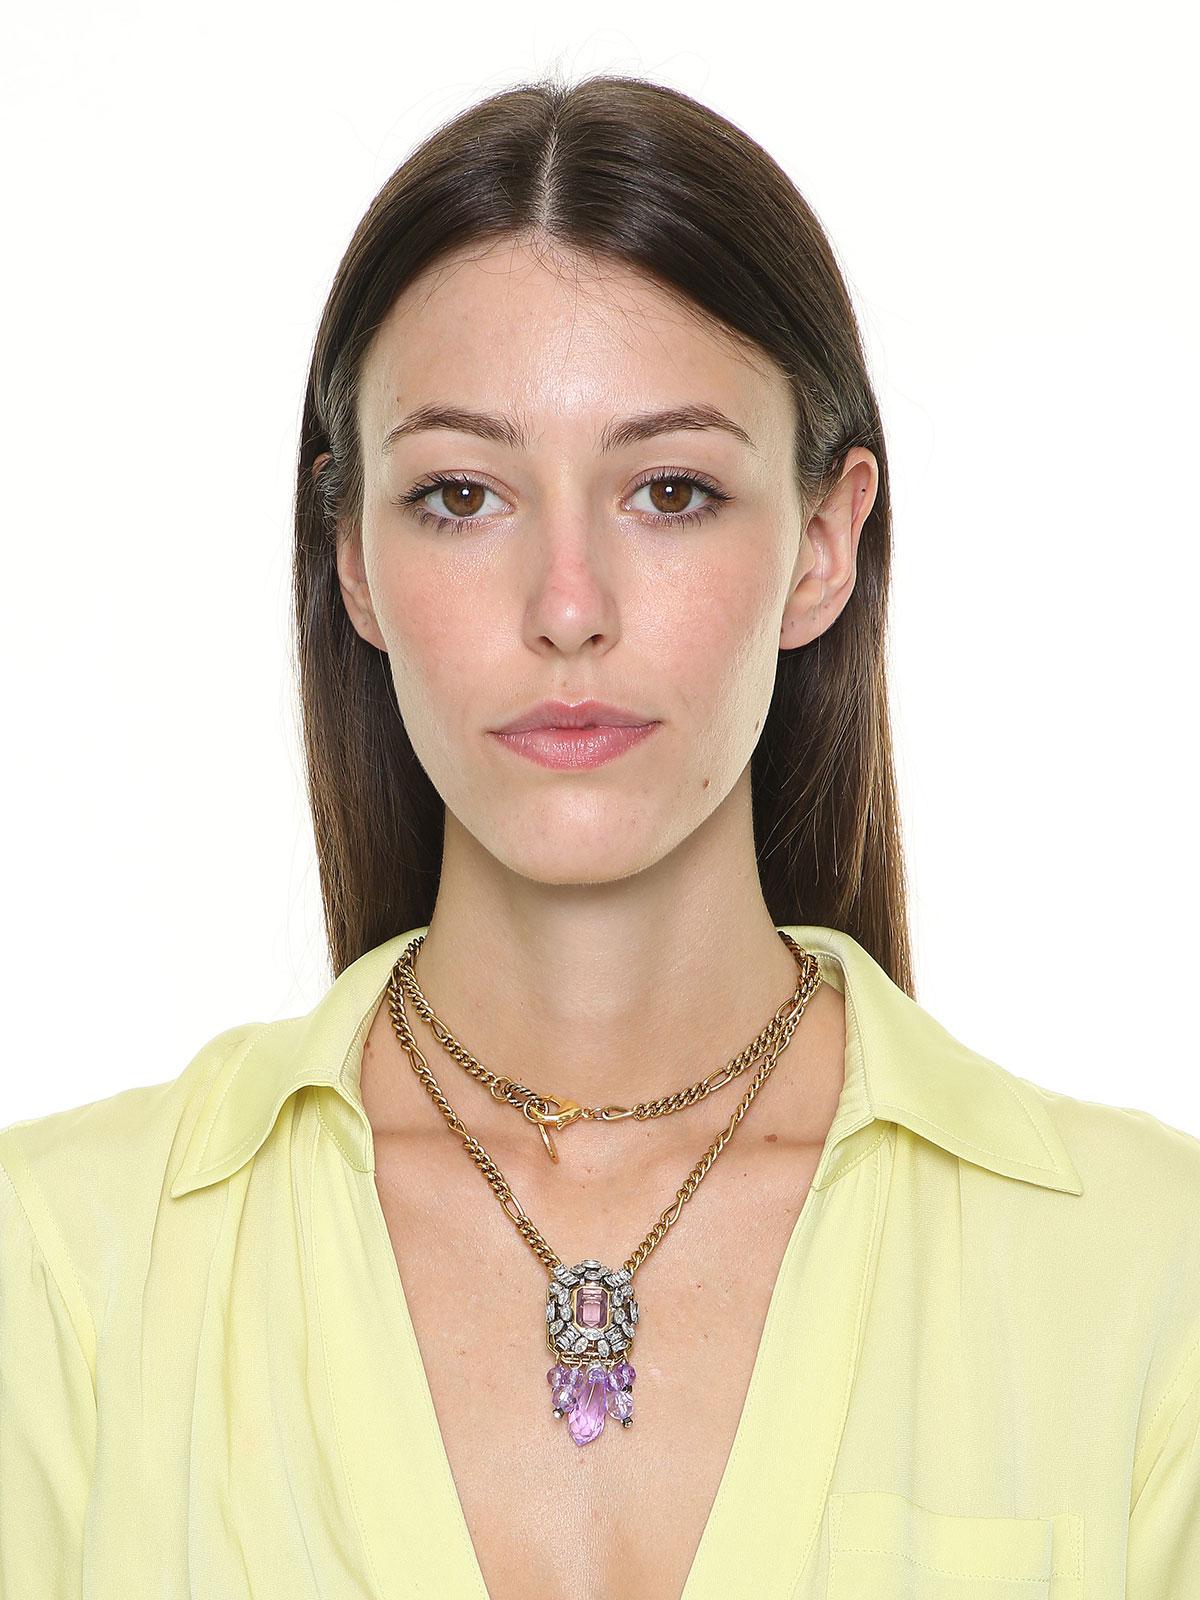 Collana con centrale gioiello e gocce in plexiglass